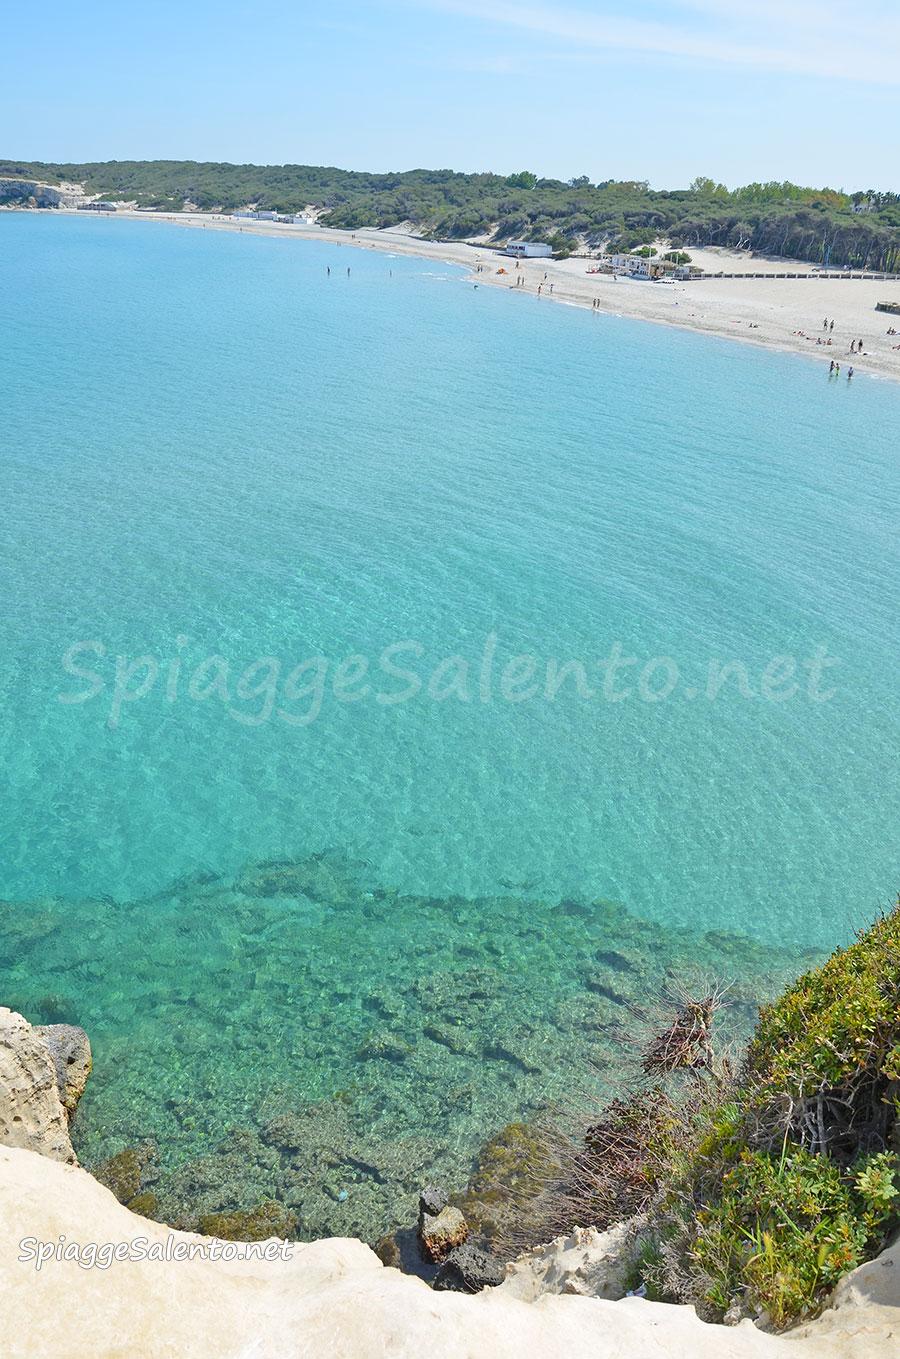 Torre dell'Orso splendide spiagge del Salento